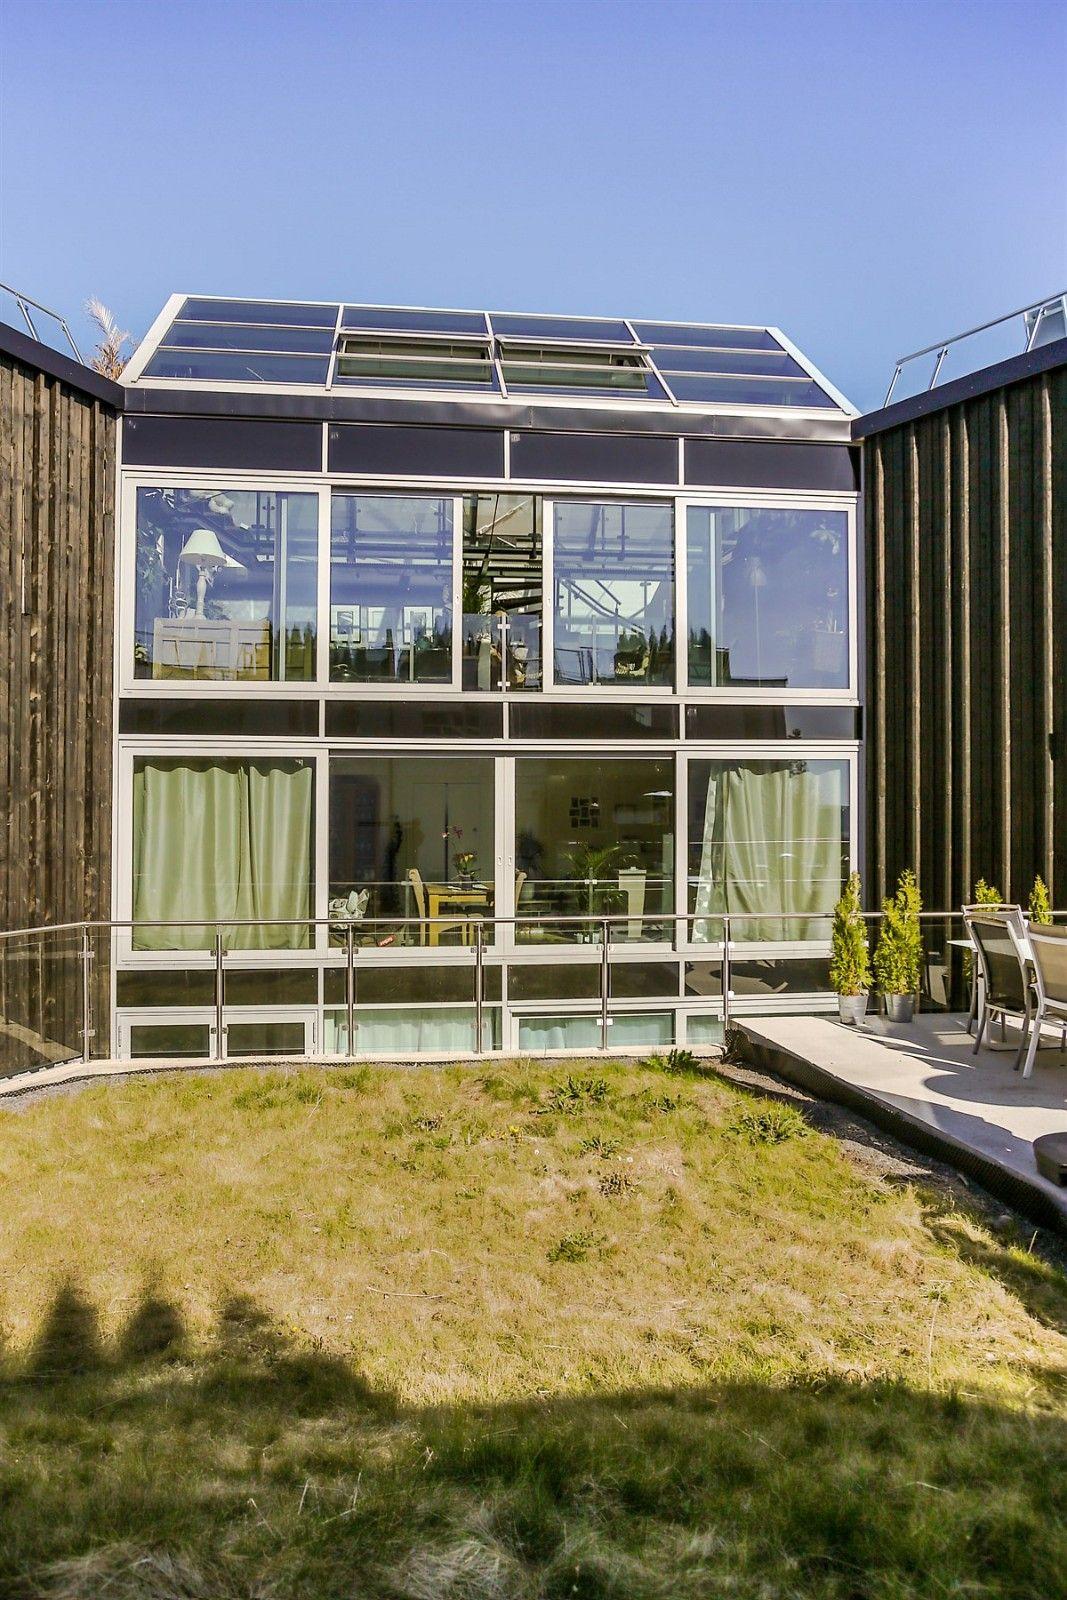 фасад загородного дома панорамное остекление